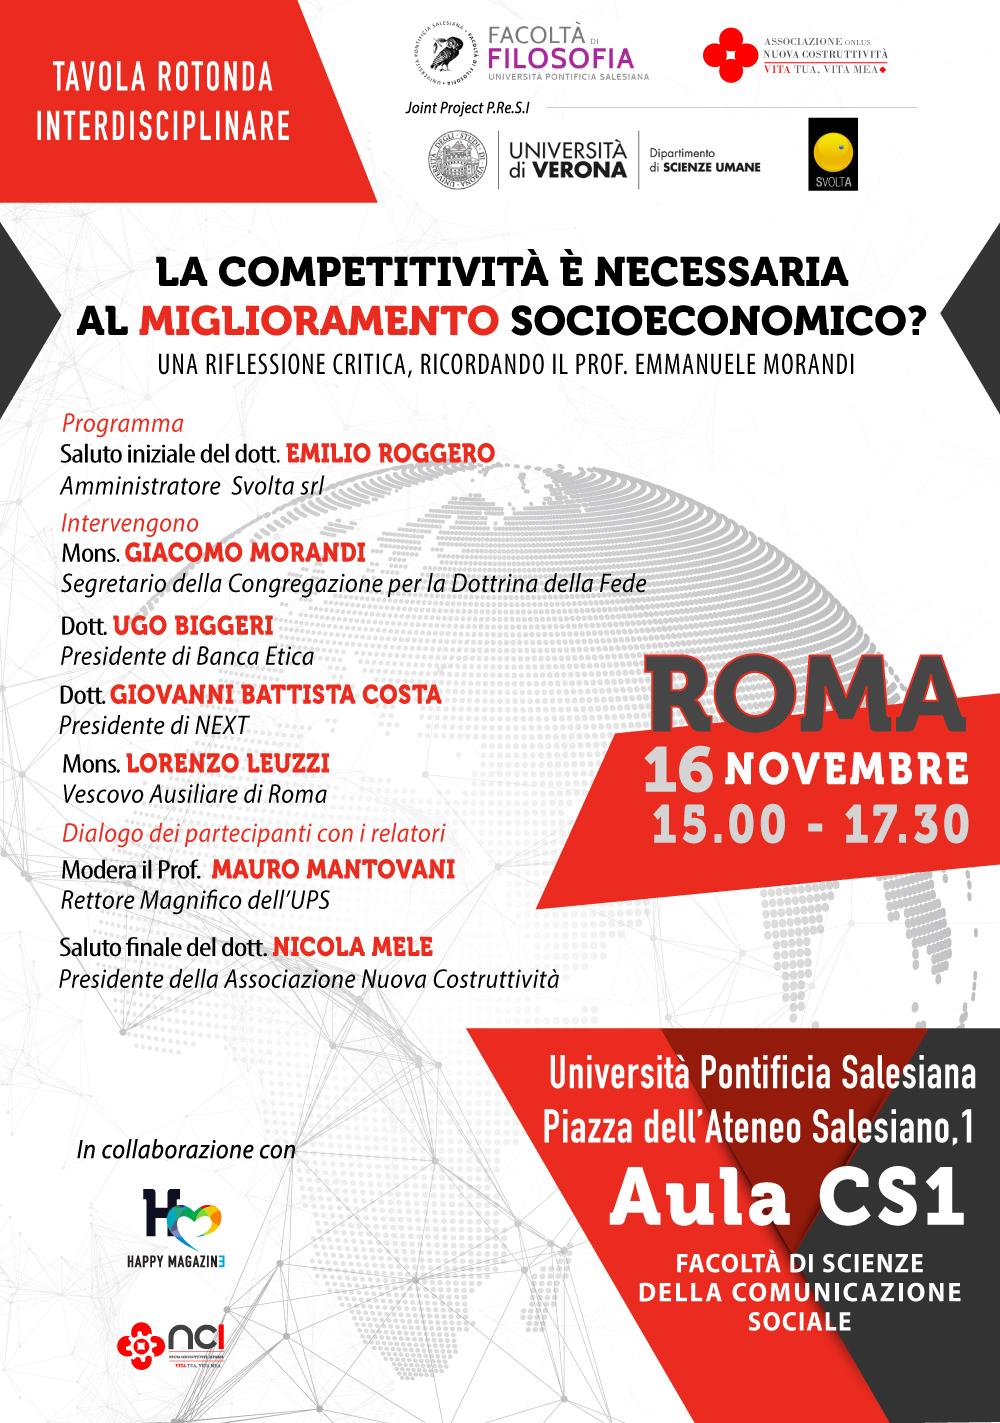 Tavola Rotonda - La competitività è necessaria al miglioramento socioeconomico